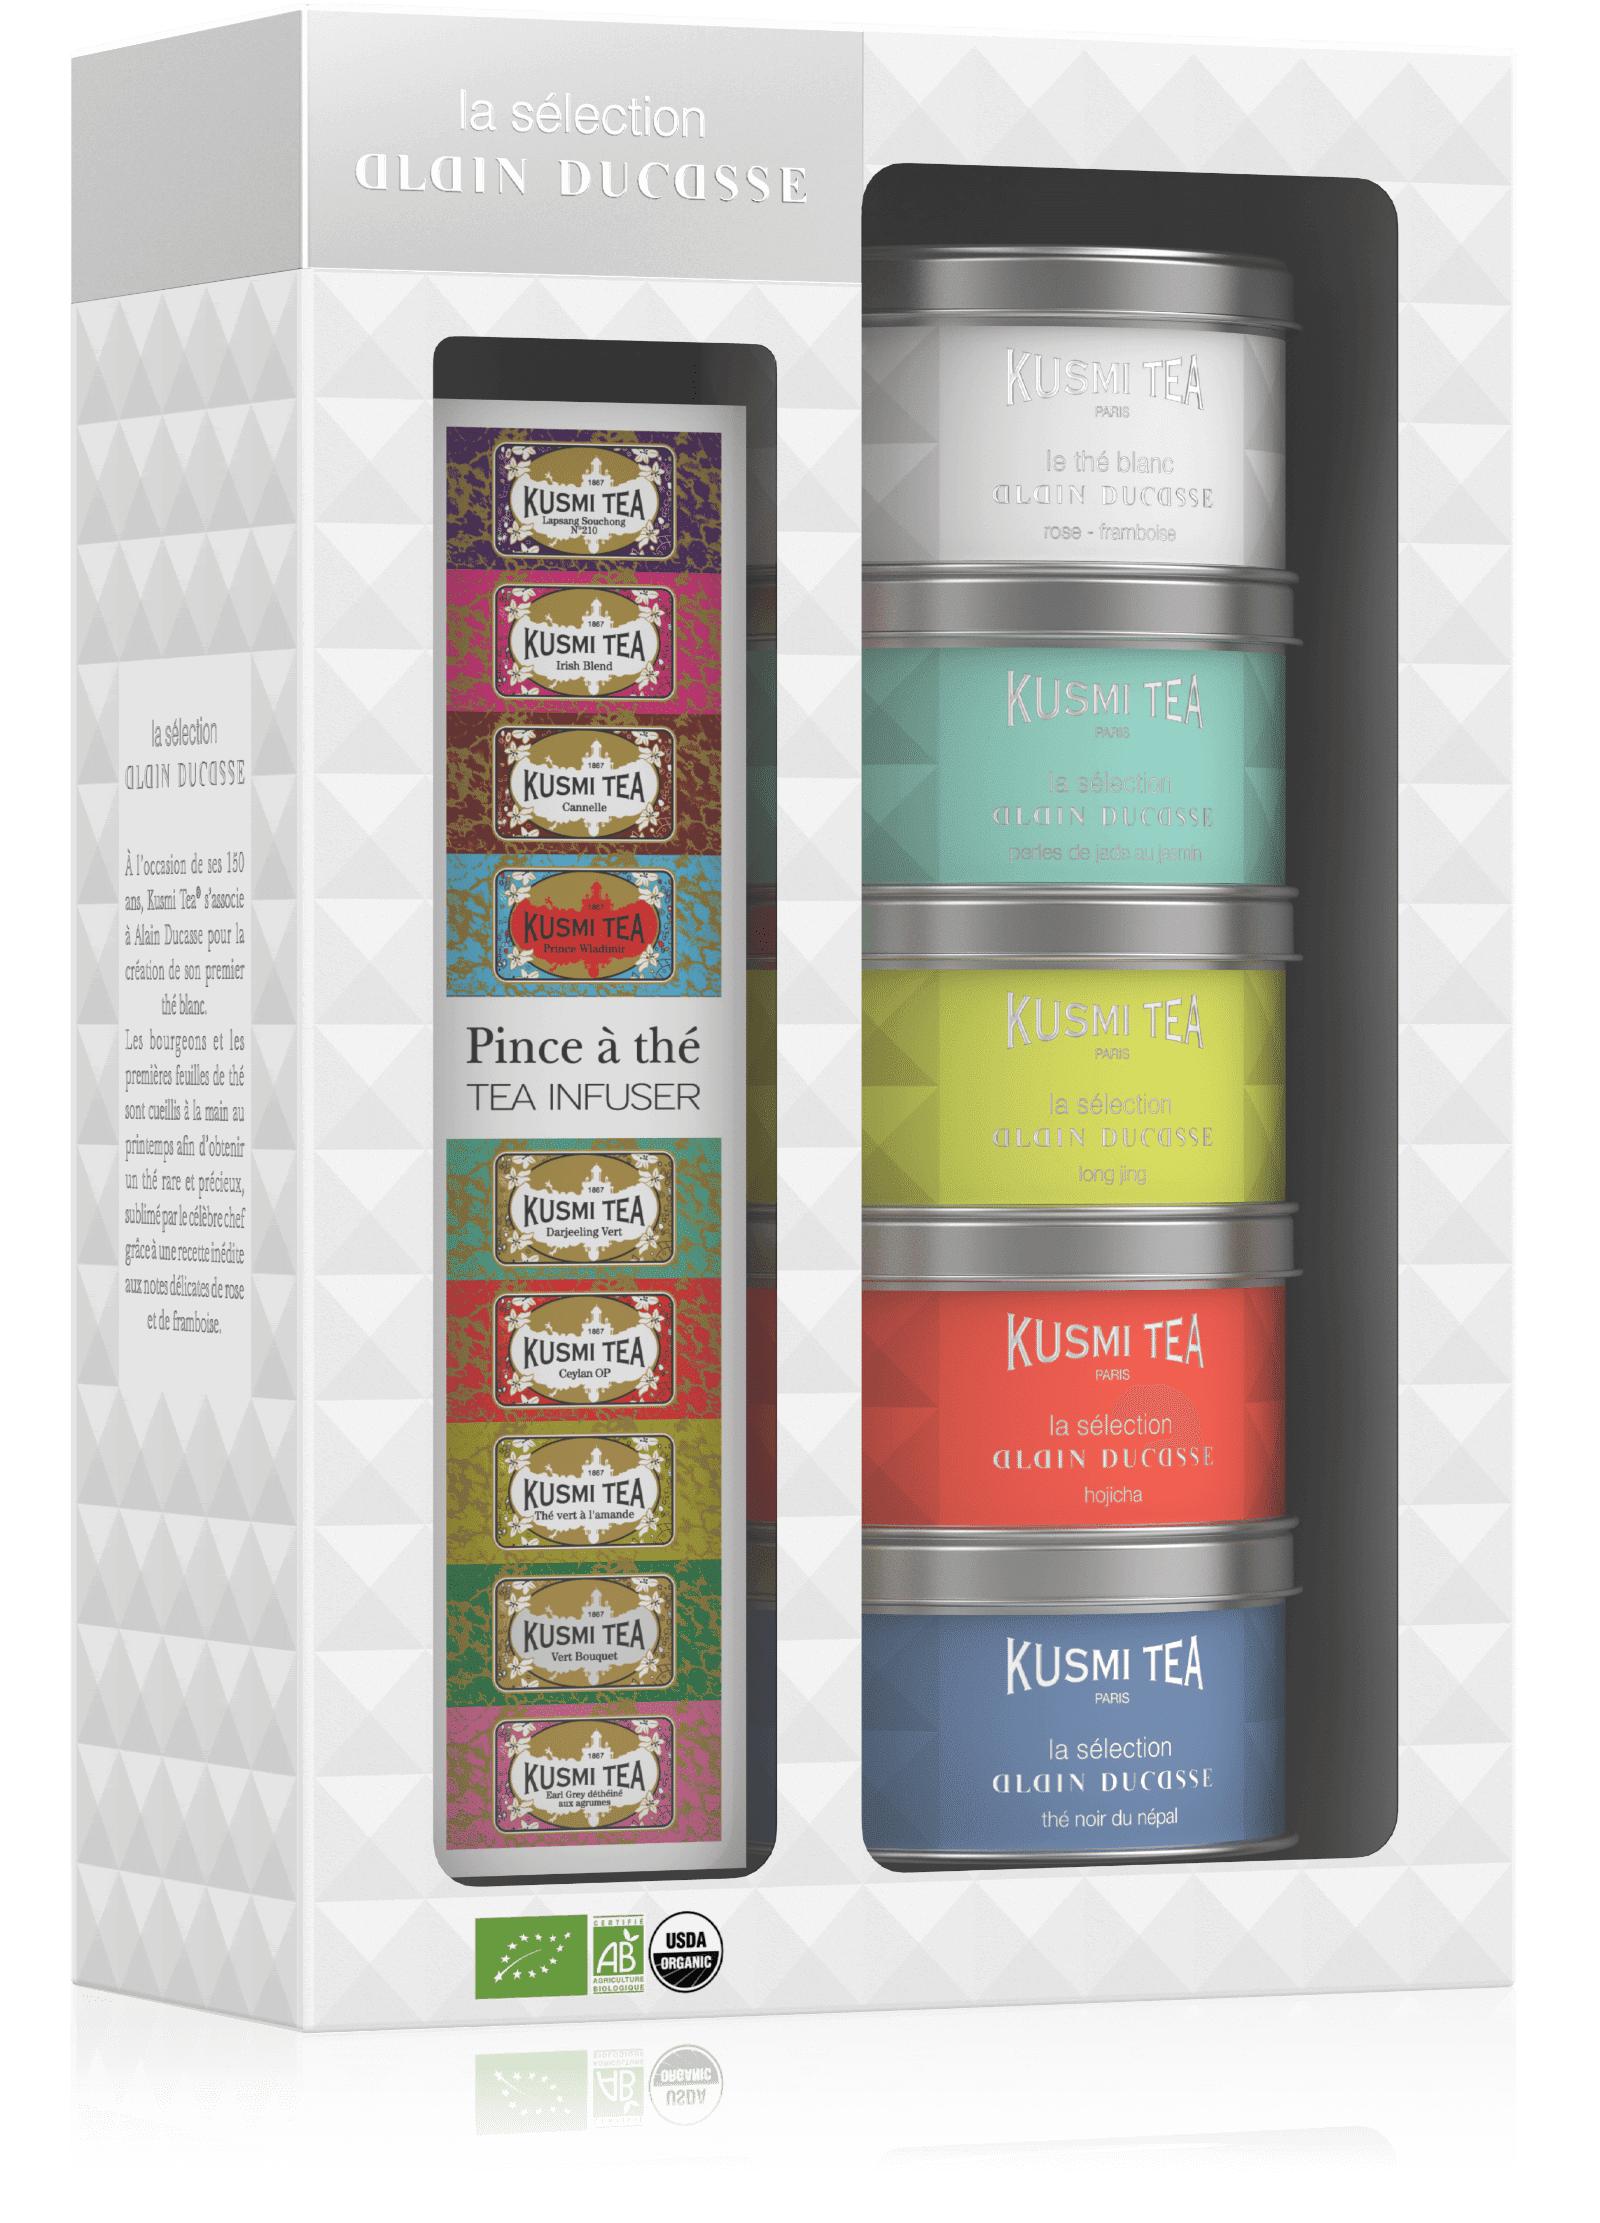 KUSMI TEA Coffret Thé Bio La Sélection Alain Ducasse & une pince à thé  Kusmi Tea